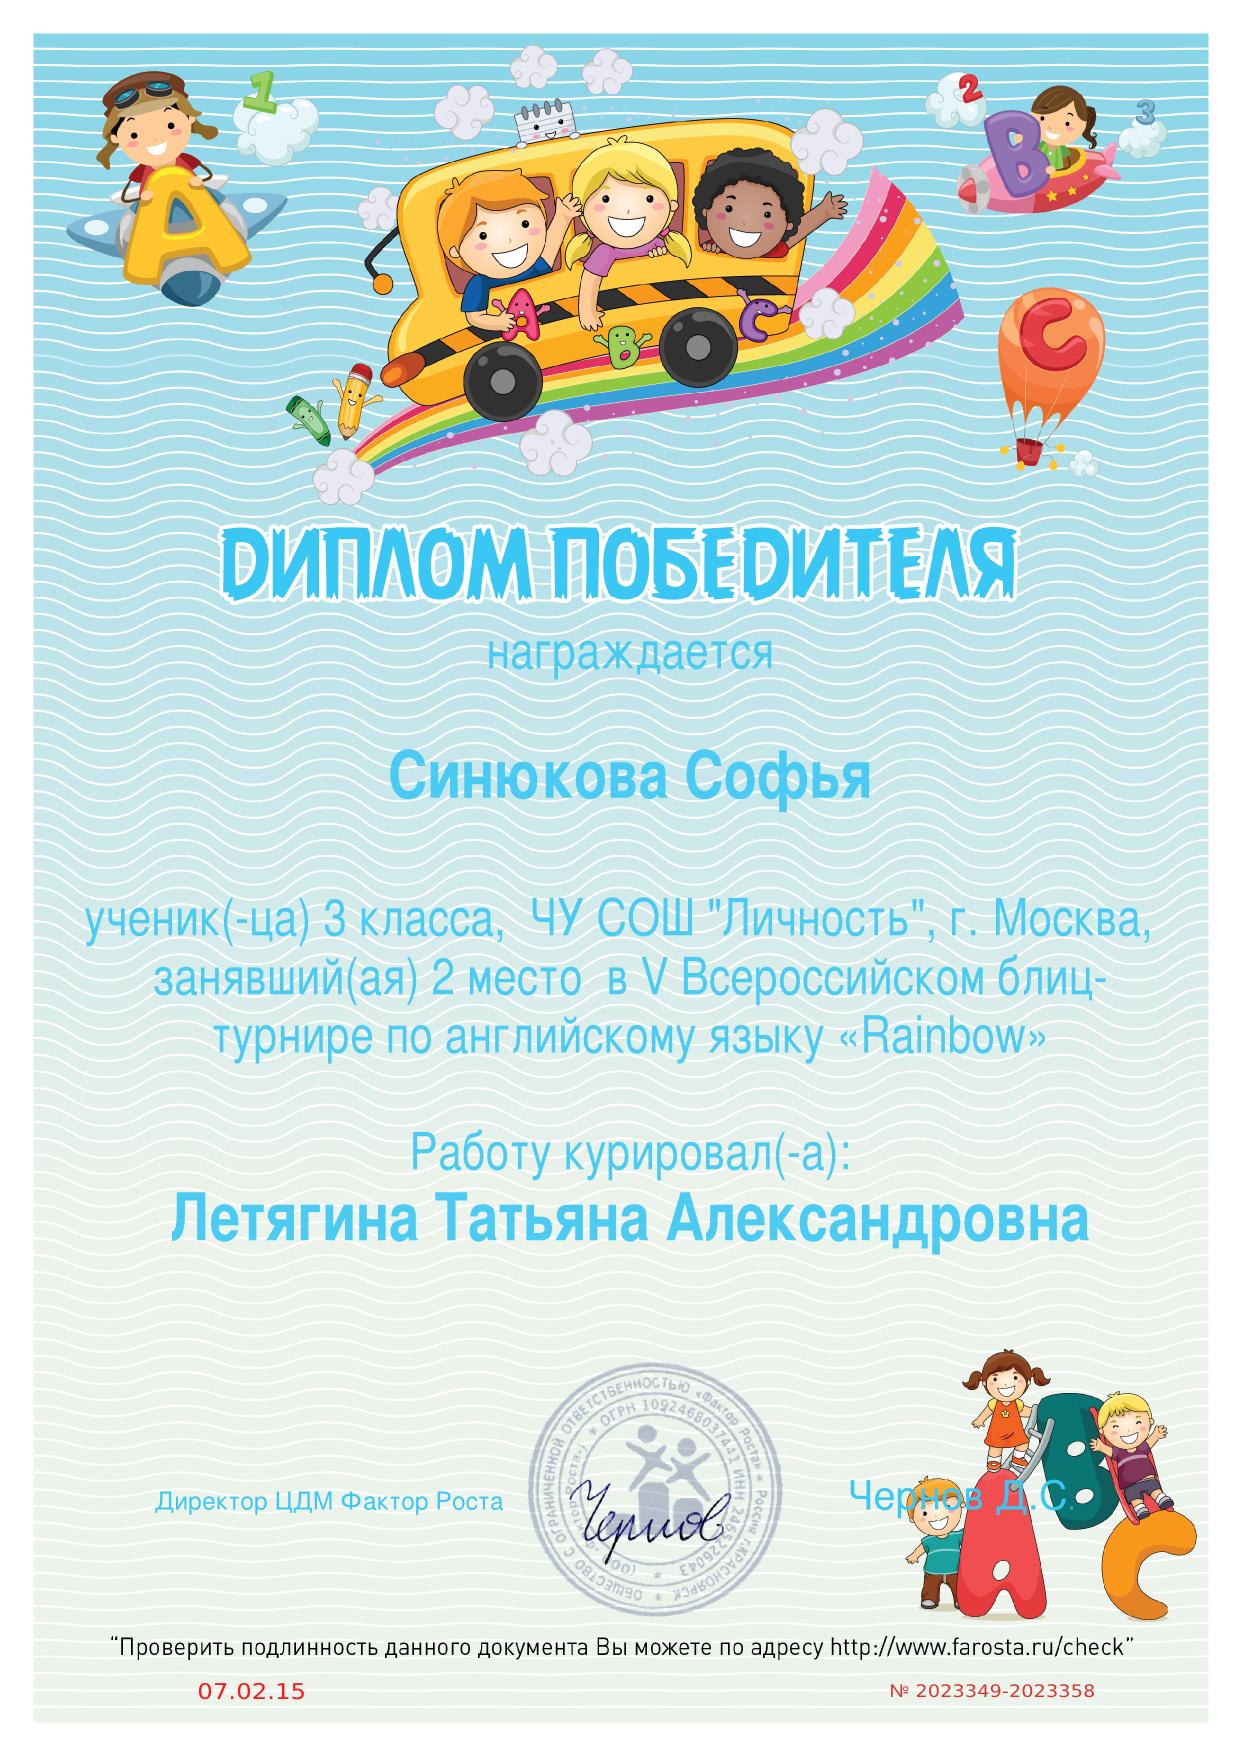 """Поздравляем победителей V Всероссийского блиц-турнира по английскому языку """"Rainbow""""!"""